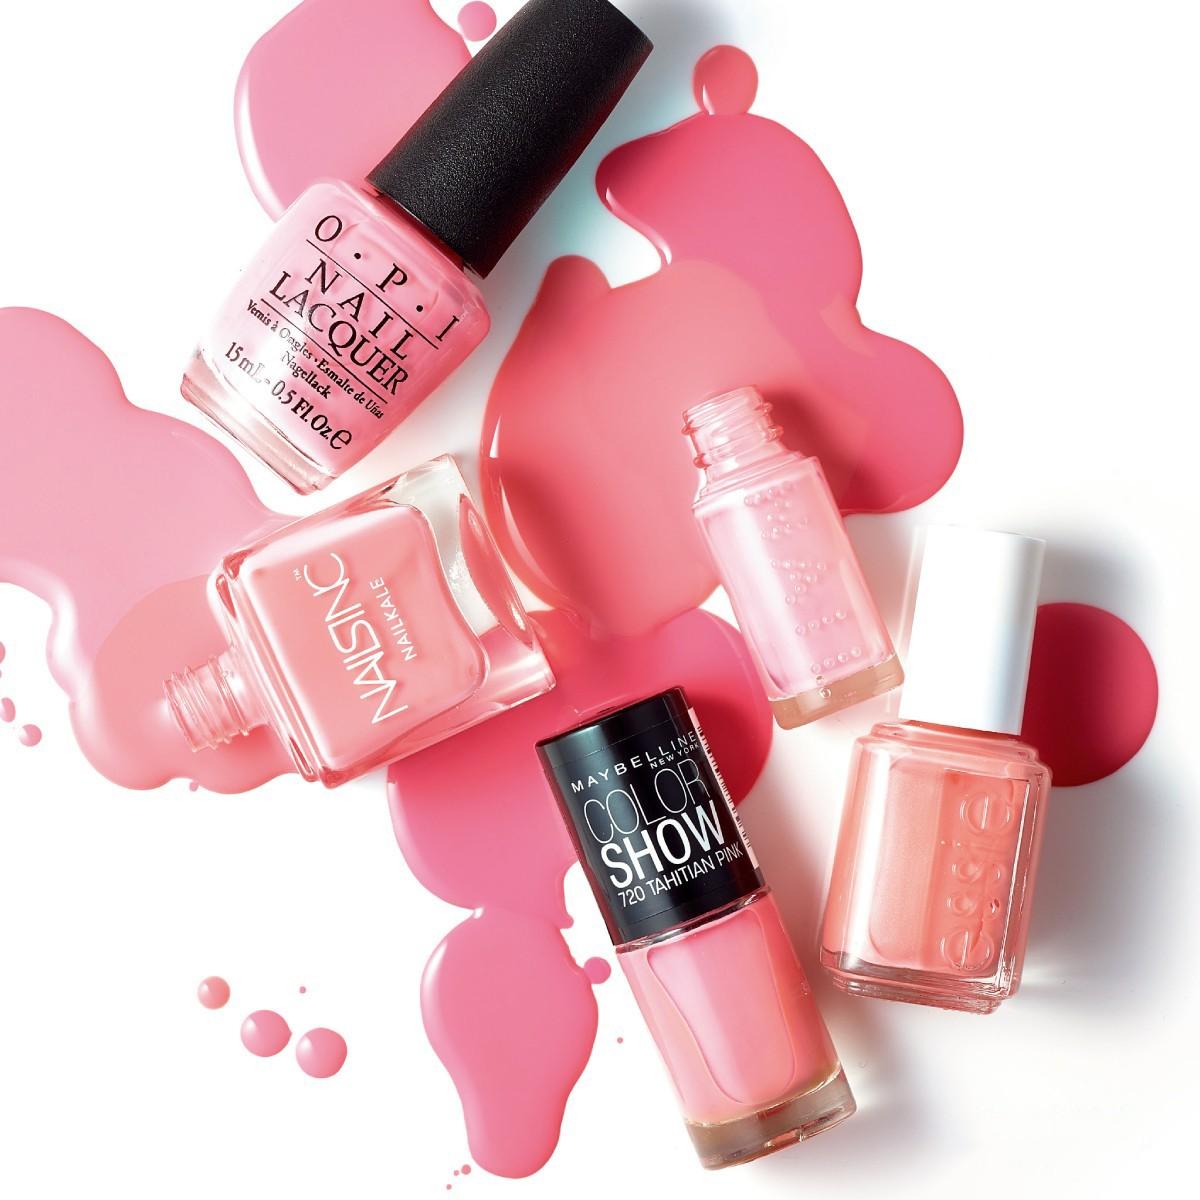 2017年ラッキーカラーはピンク! ラッキーピンクネイル図鑑